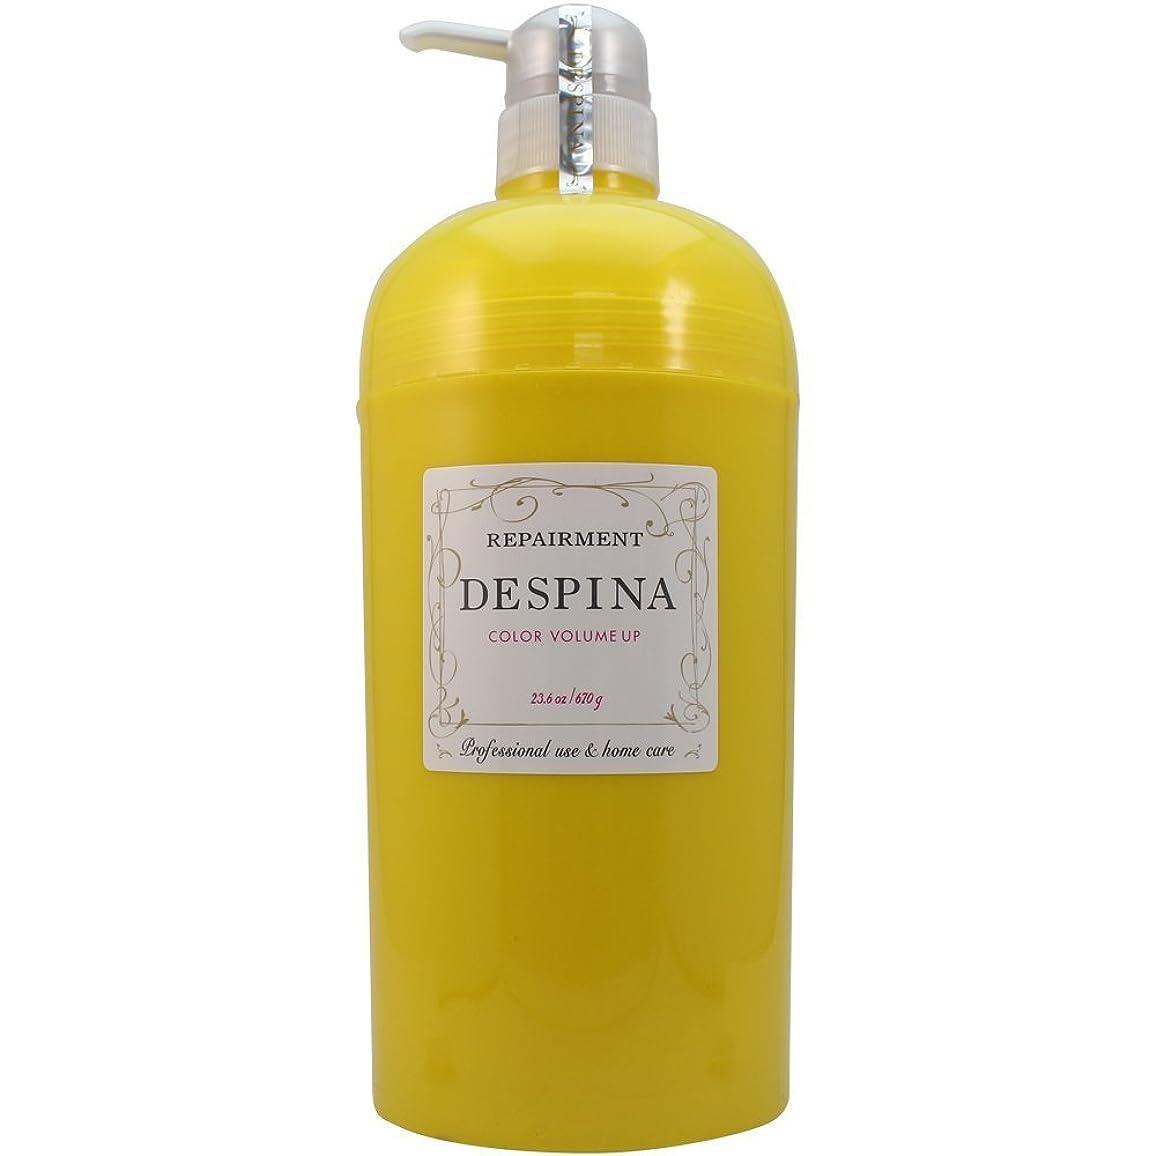 政権味付けありふれた中野製薬 デスピナ リペアメント カラー ボリュームアップ 670g